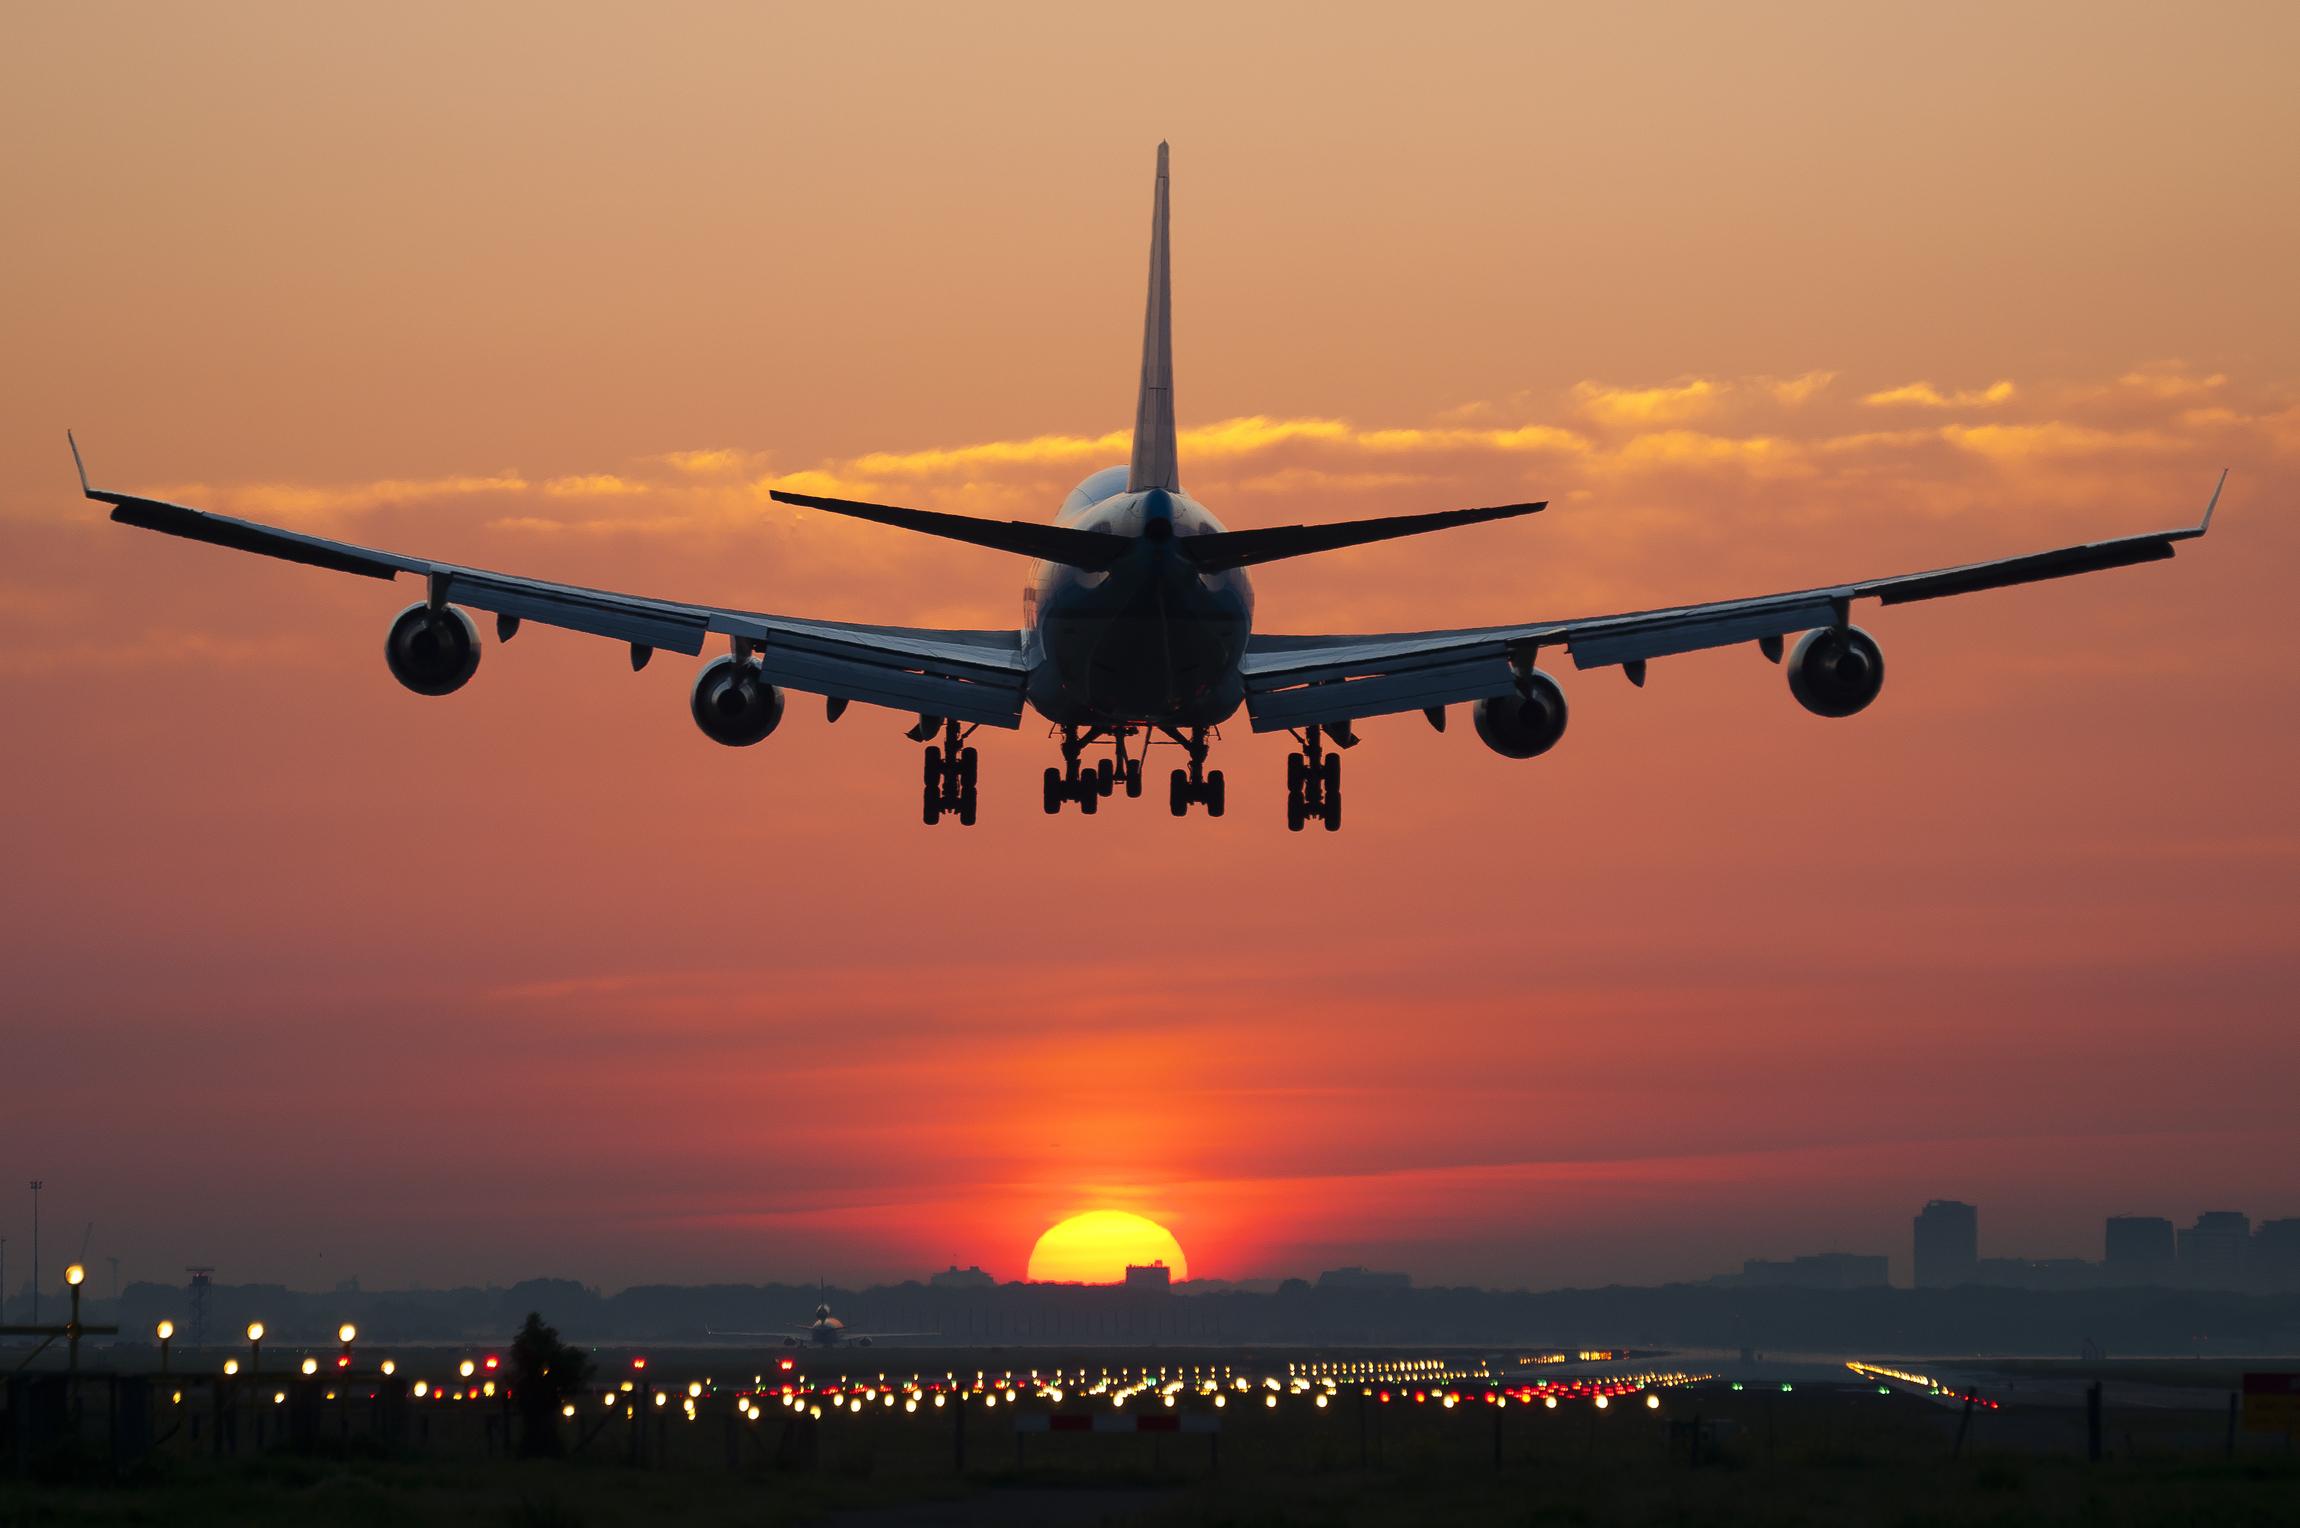 An airplane landing at sunset.